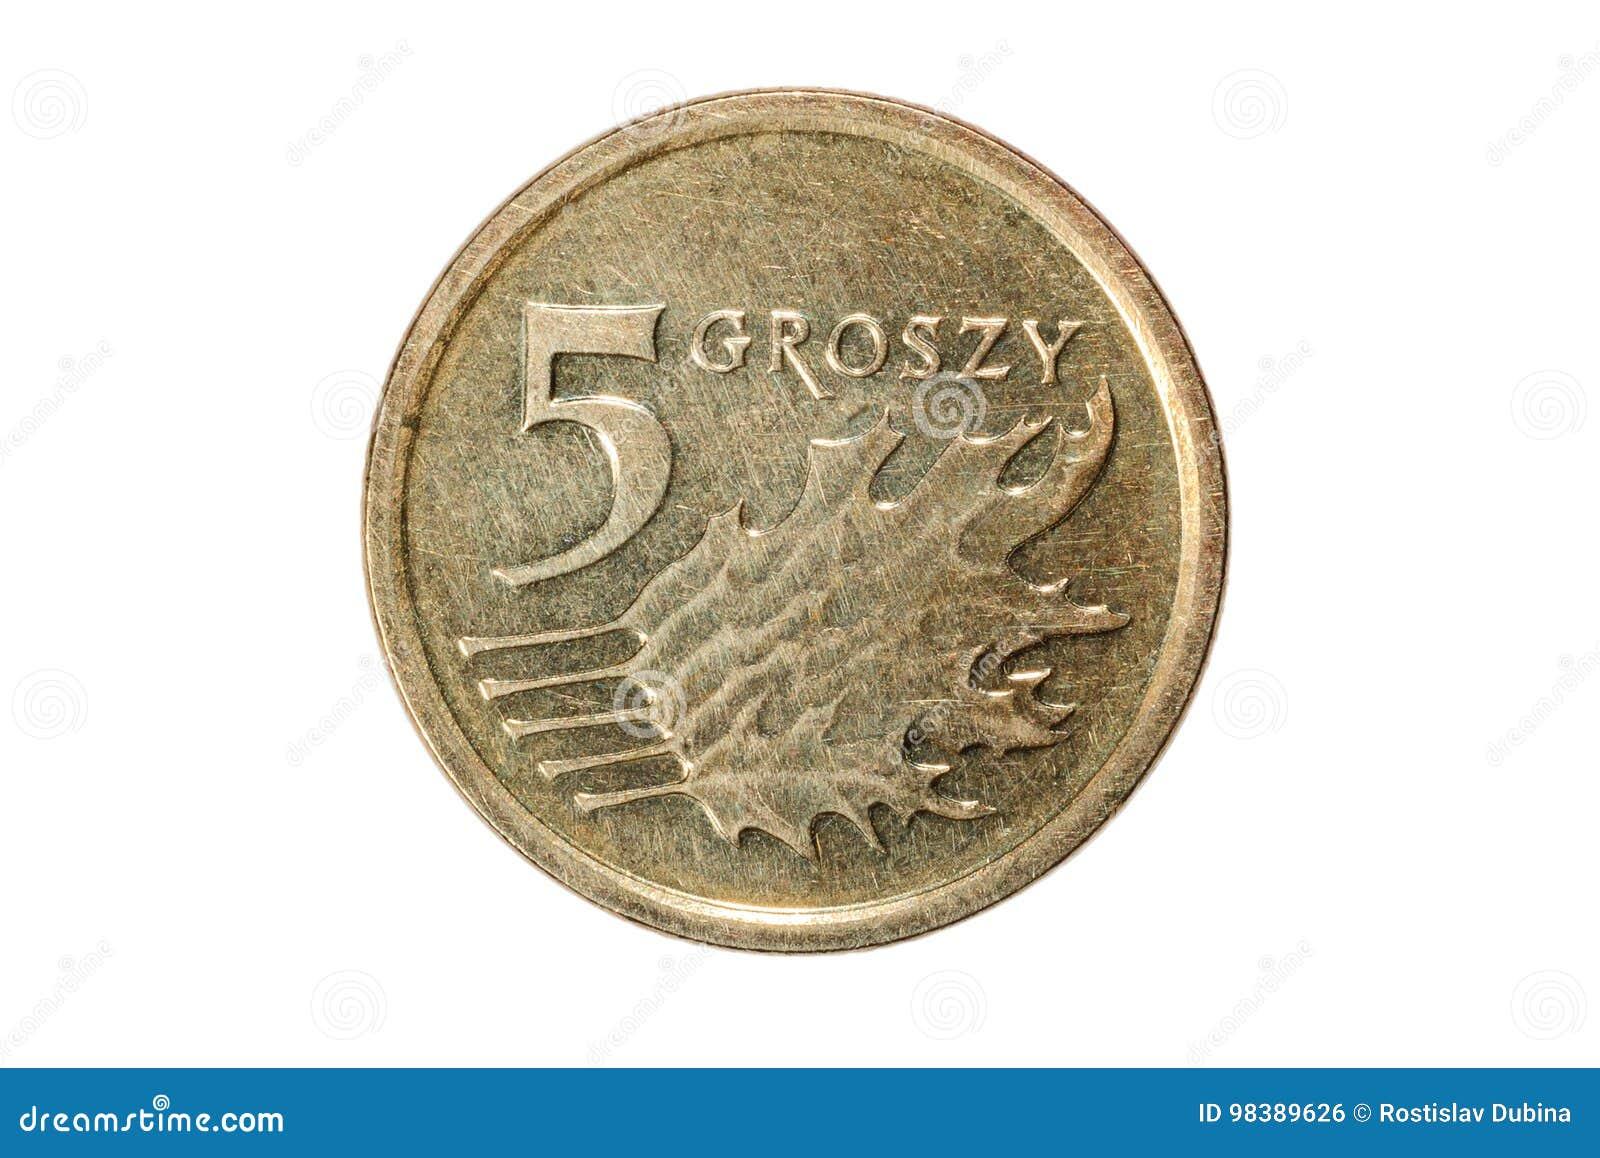 Pięć groszy polerujący złoty Waluta Polska Makro- fotografia moneta Polska przedstawia połysk groszy monetę